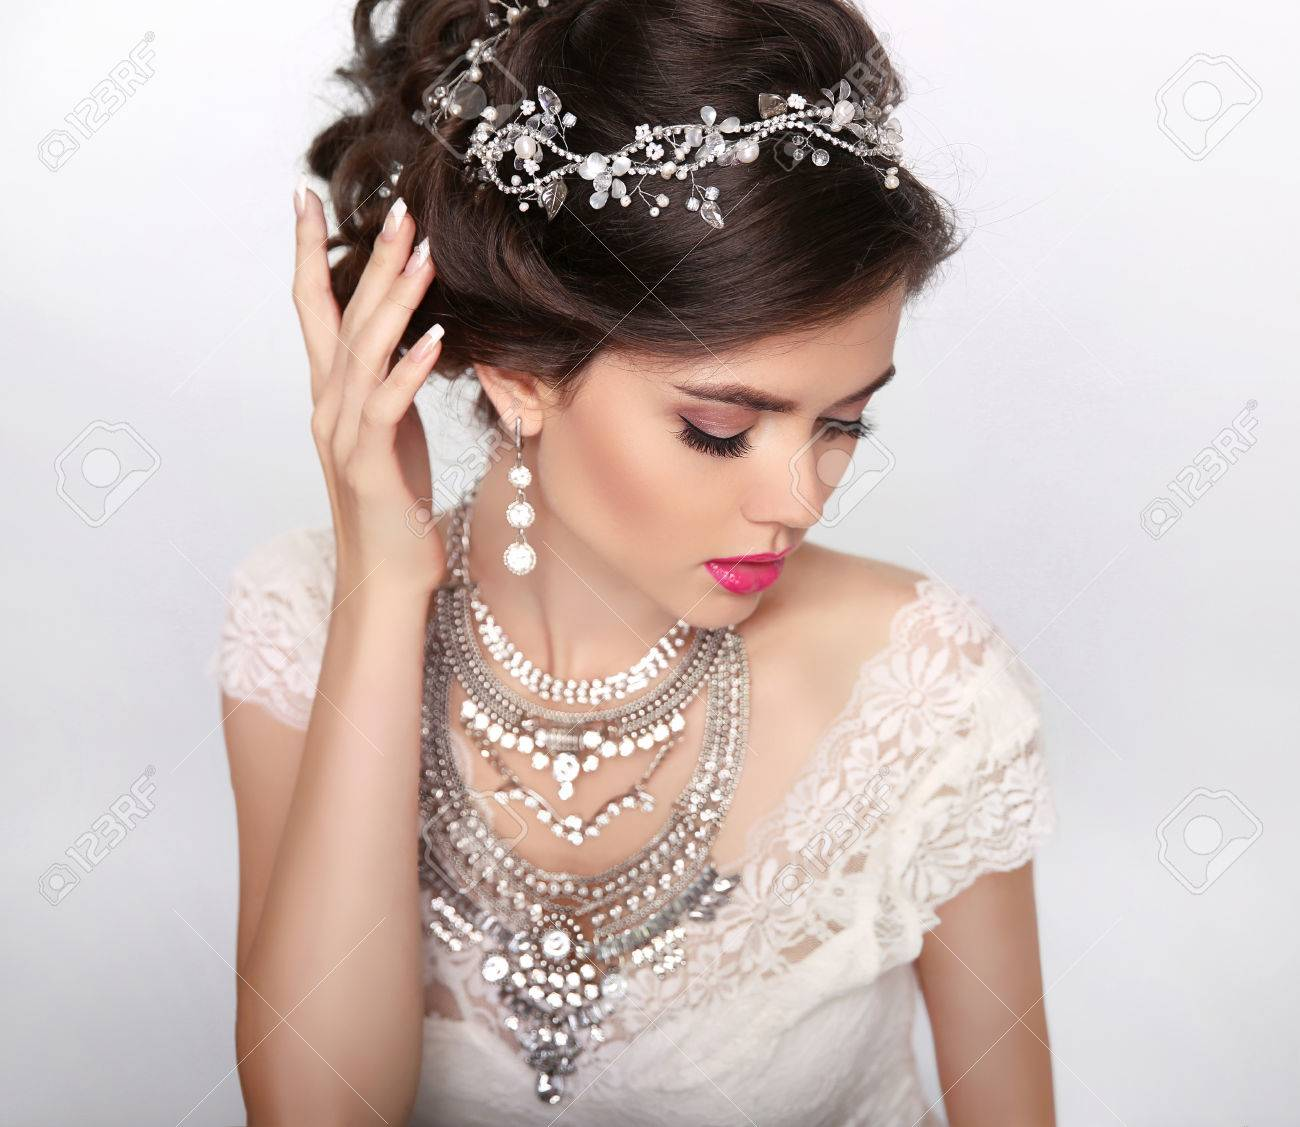 Schmuck. Schöne Mode Luxus-Frisur, Make-up. Beauty Portrait. Hochzeit  Frisur. Junge Frau getrennt auf Studio-Hintergrund.